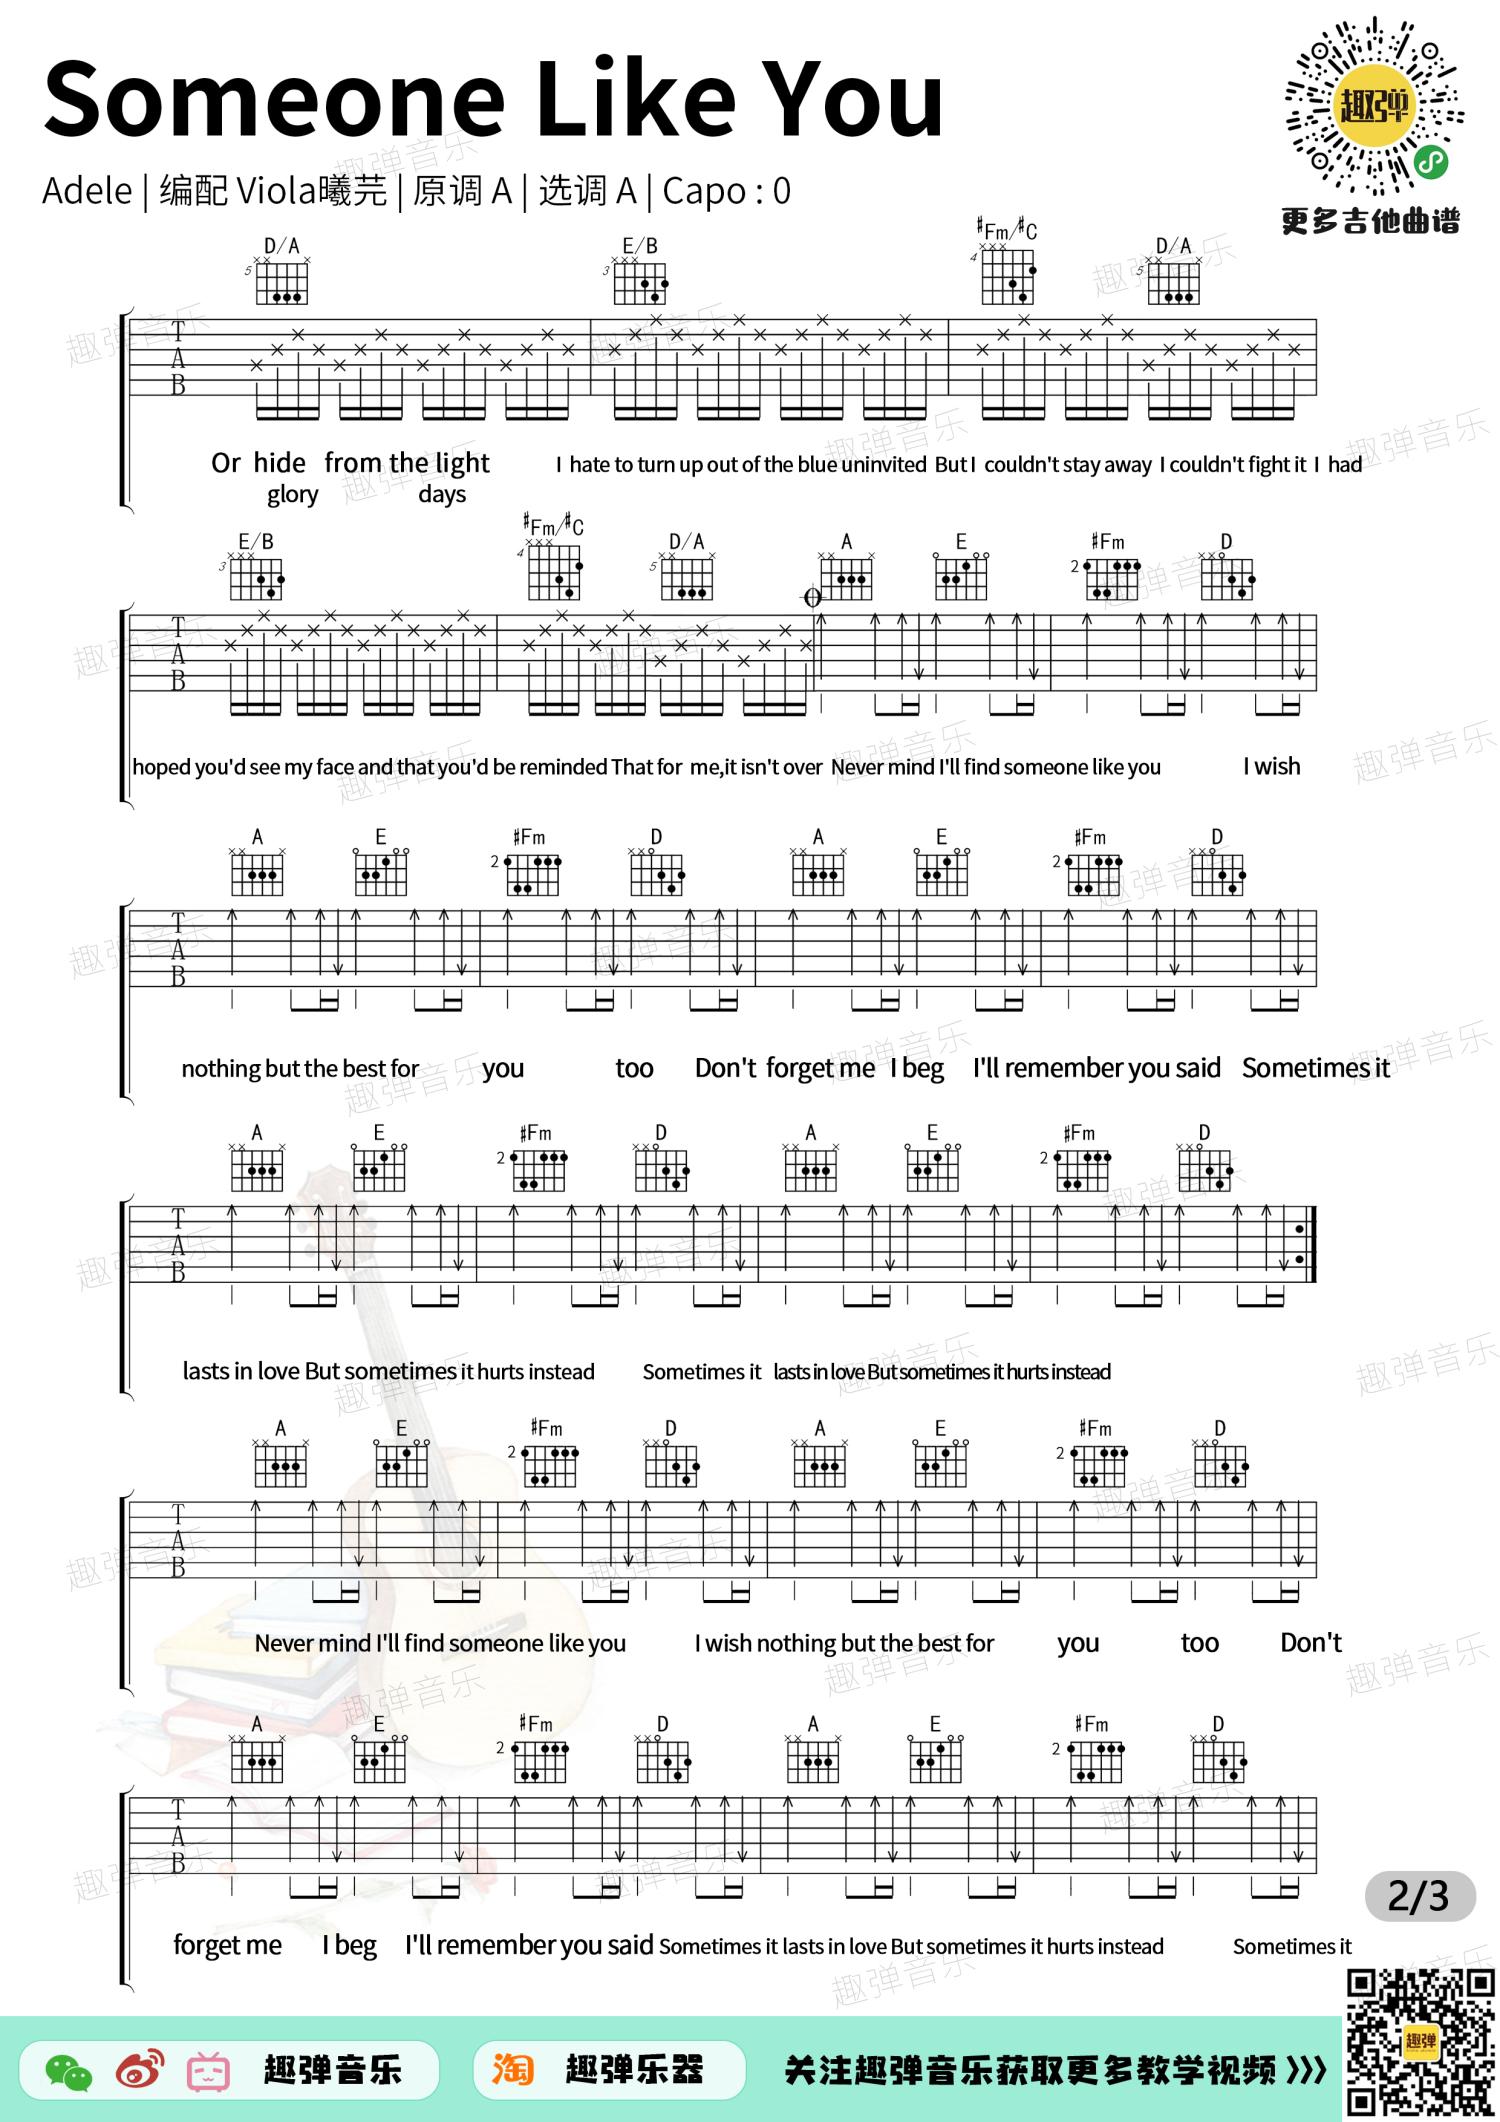 吉他派《Someone Like you》吉他谱-2